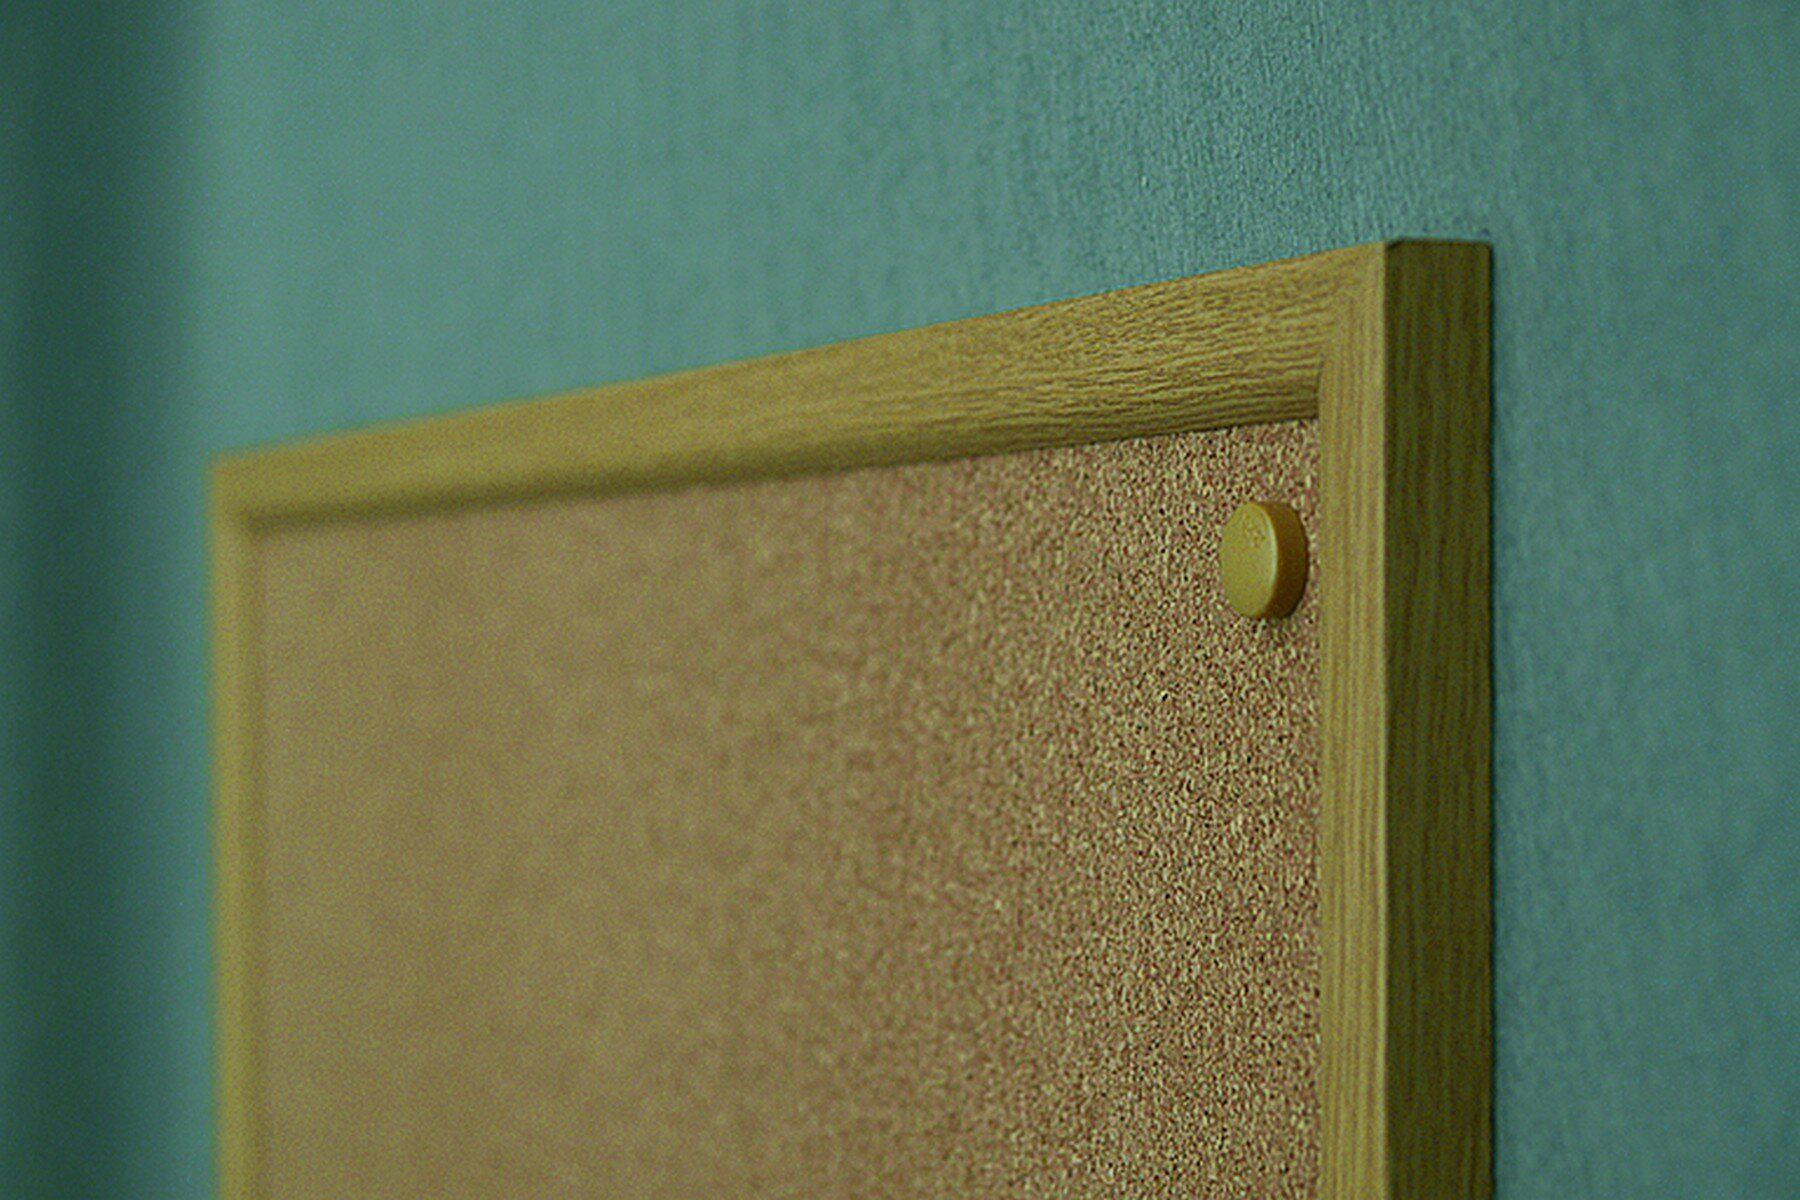 Доска пробковая (сосна) 60*80см., деревянная рамка 2x3 - фото 4